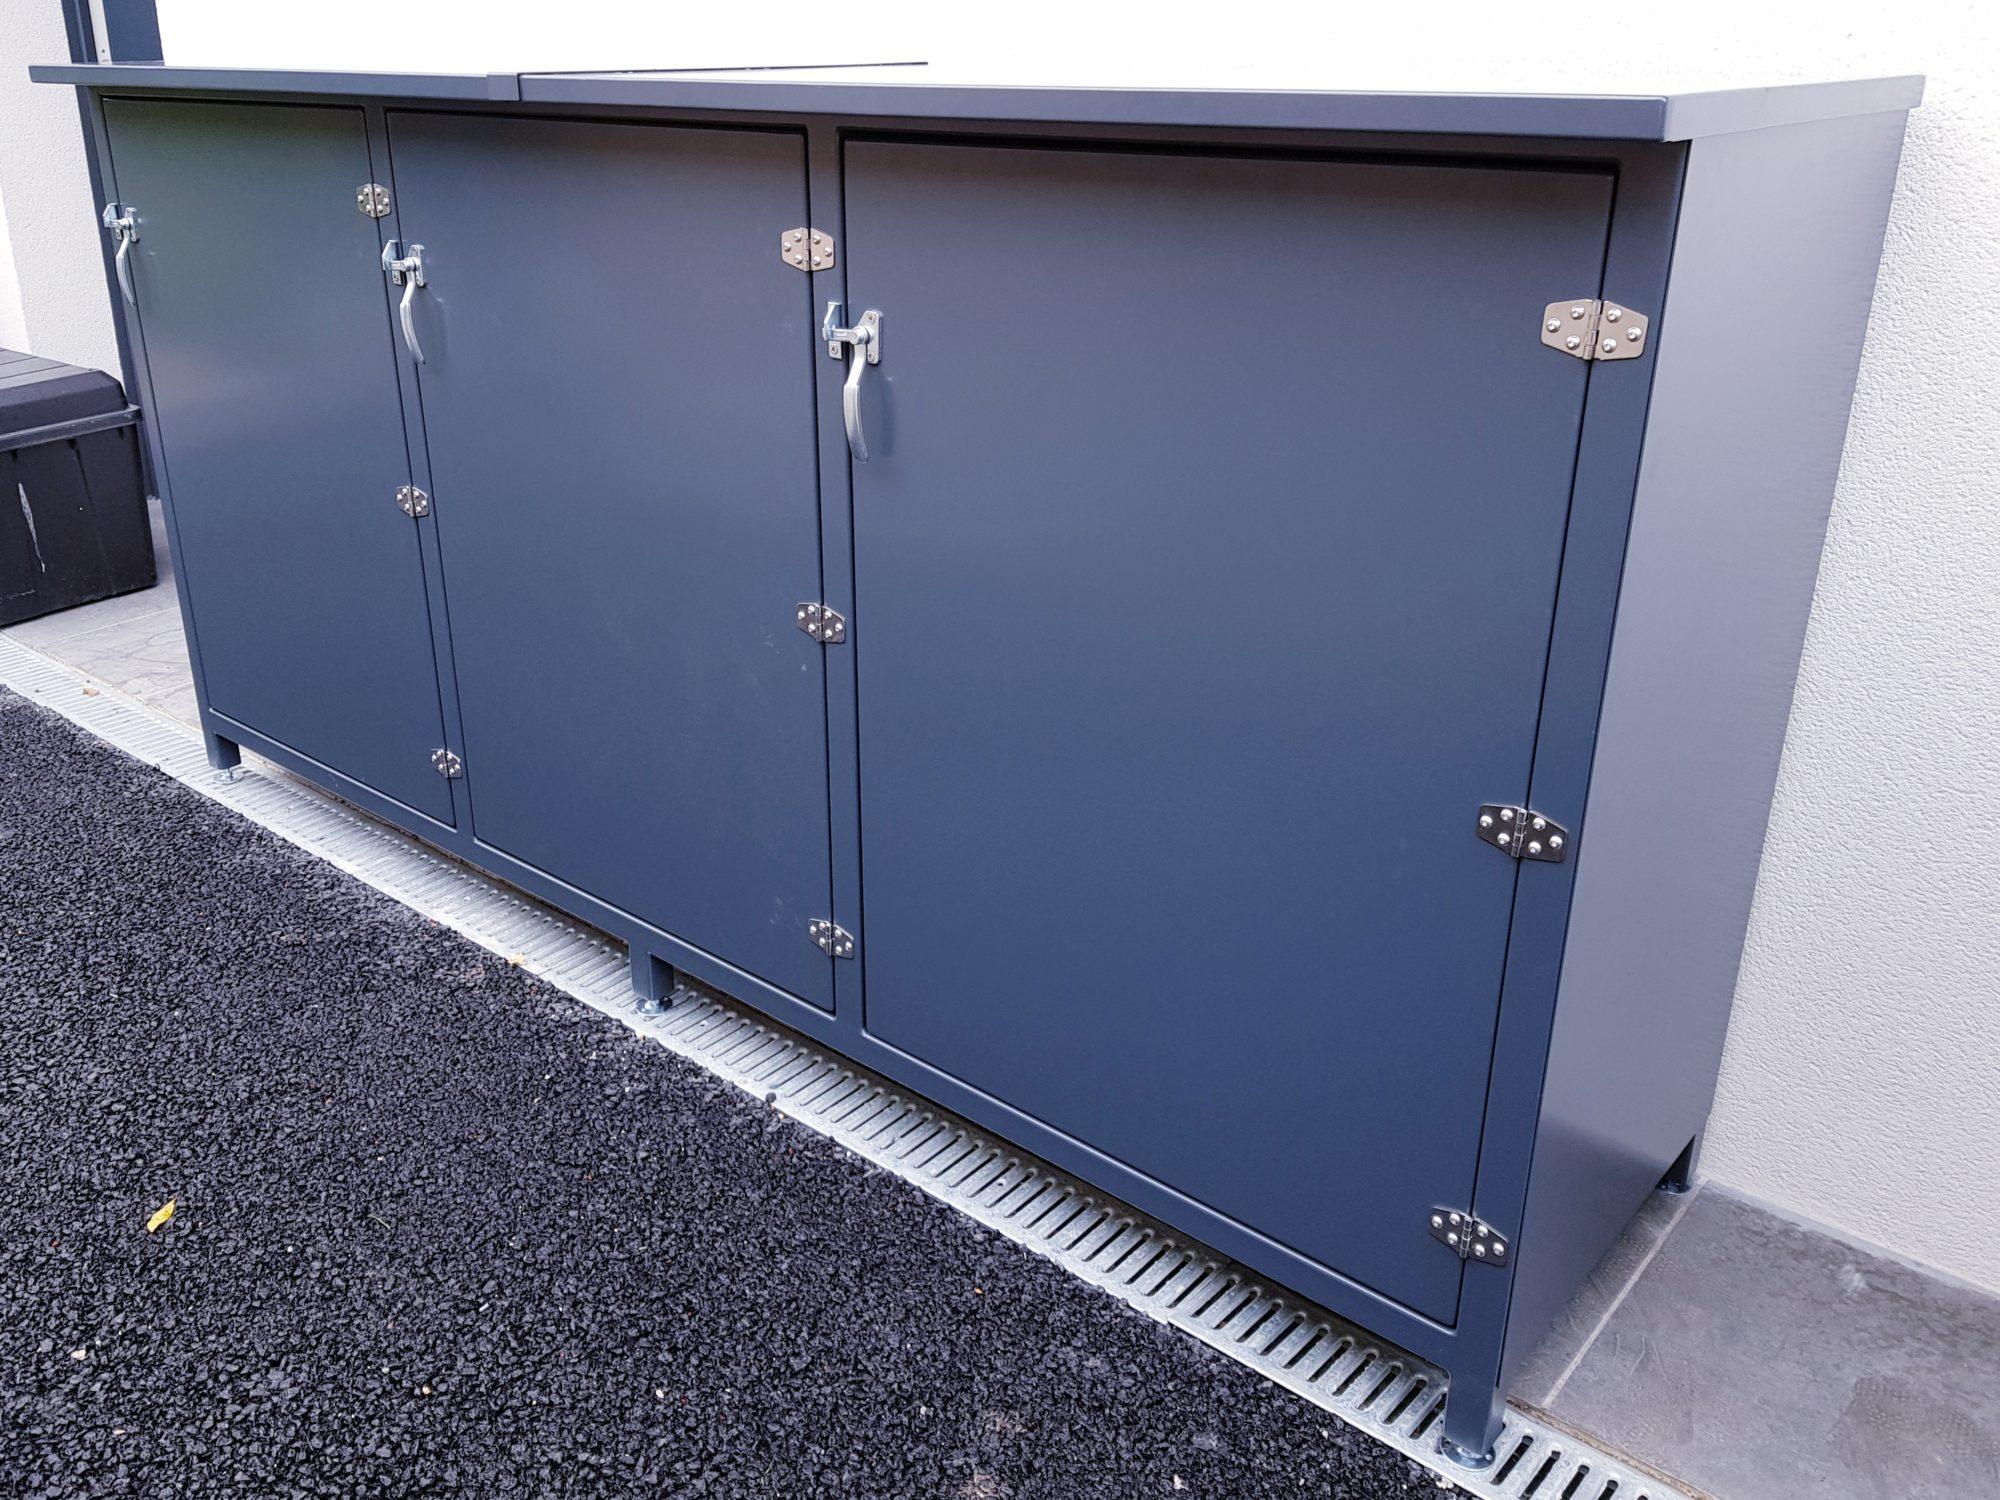 casier metal exterieur rangement metal bassin d'arcachon